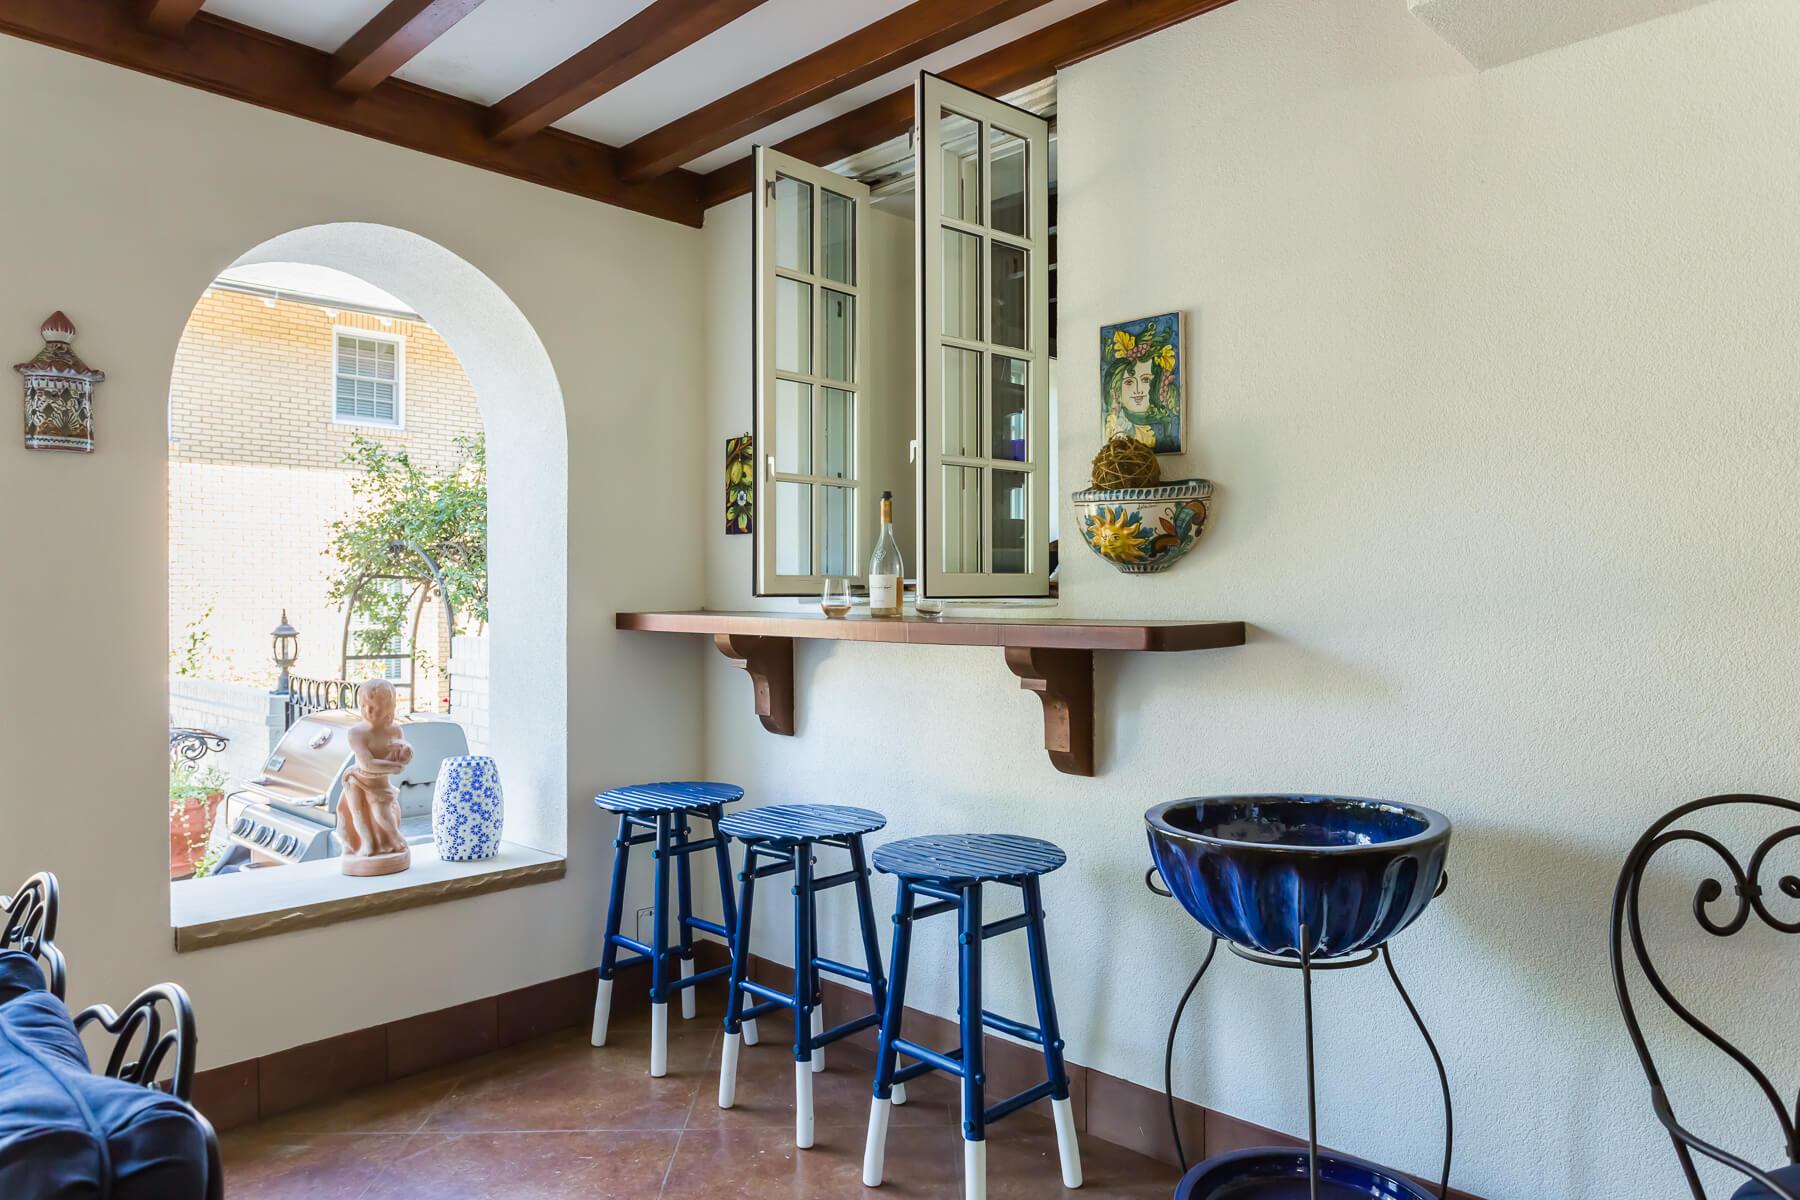 Spanish Outdoor Loggia Bar Area Open Window Kitchen Pass Thru